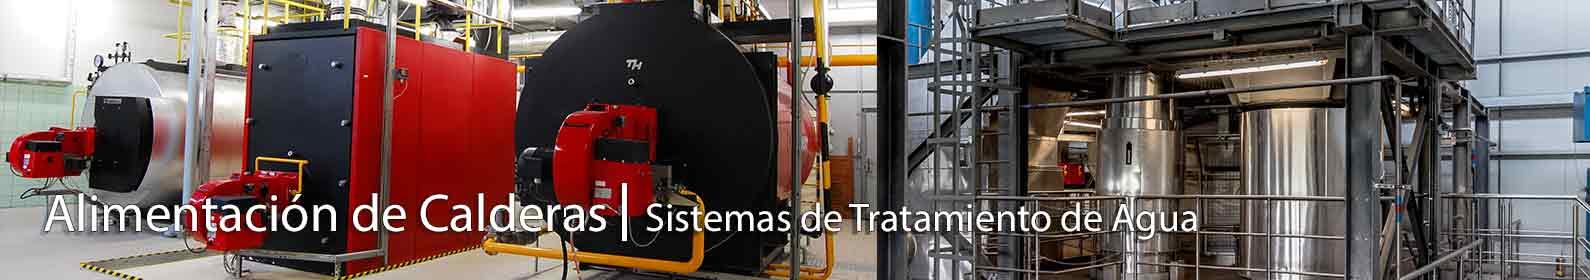 sistemas-de-tratamiento-de-agua-alimentacion-calderas.jpg